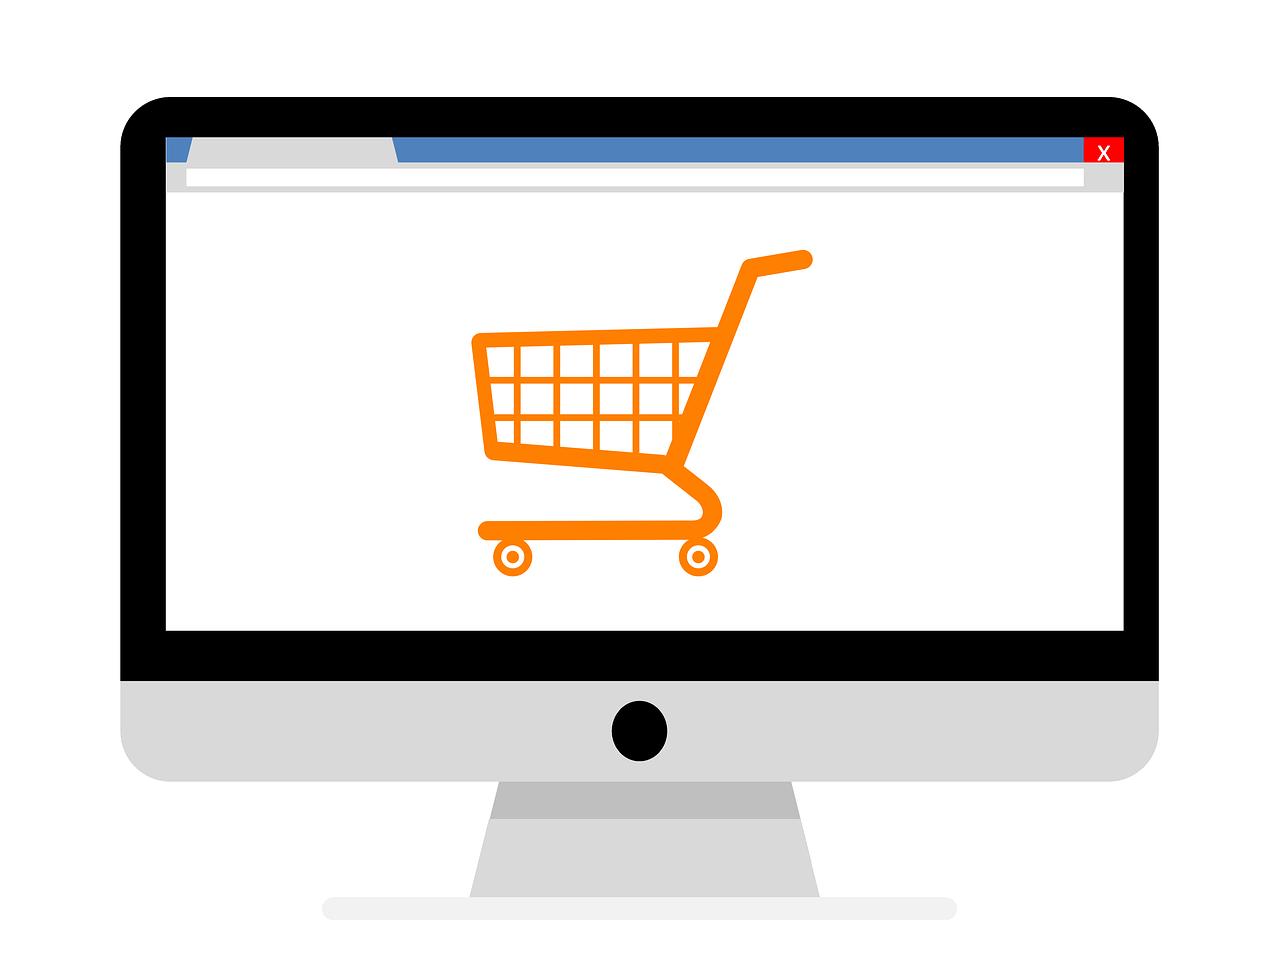 Comercio digital o e-commerce. Aprende qué es y qué pasos debes seguir